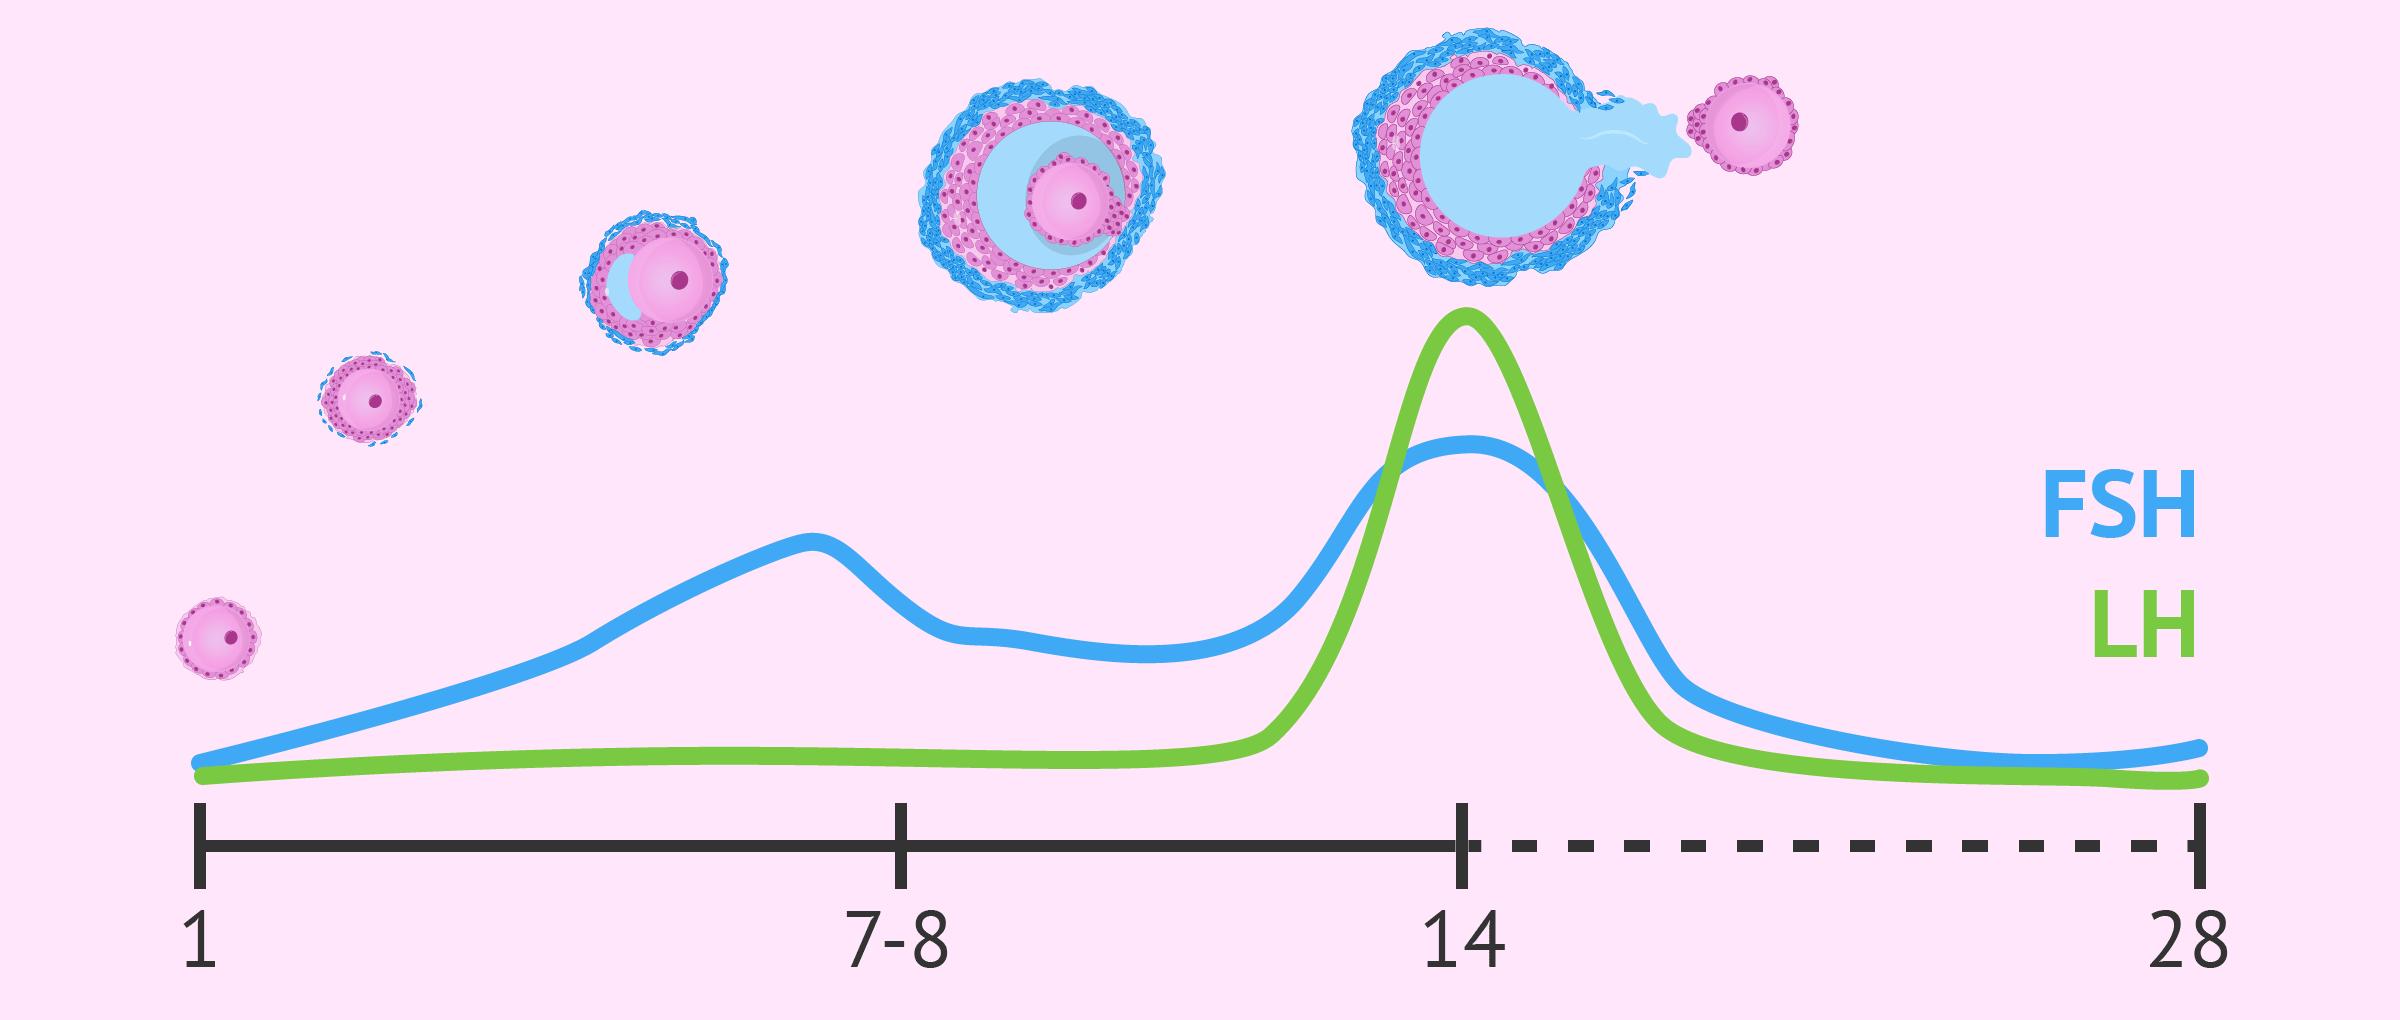 Niveles de FSH y LH durante el ciclo menstrual